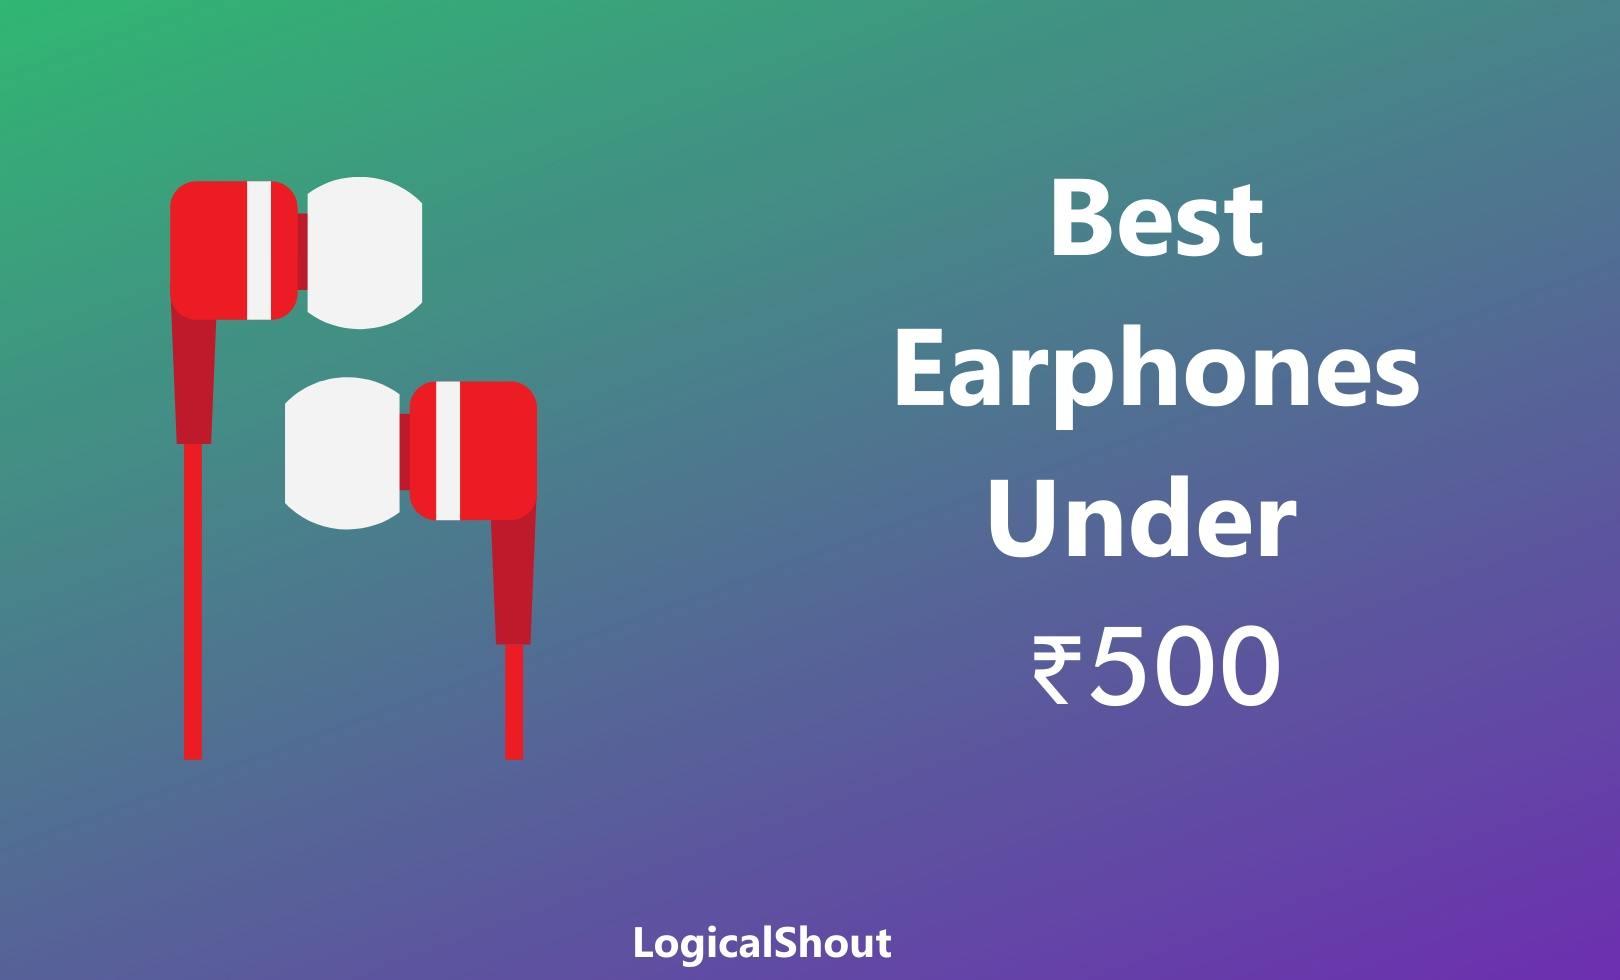 Best Earphones Under ₹500